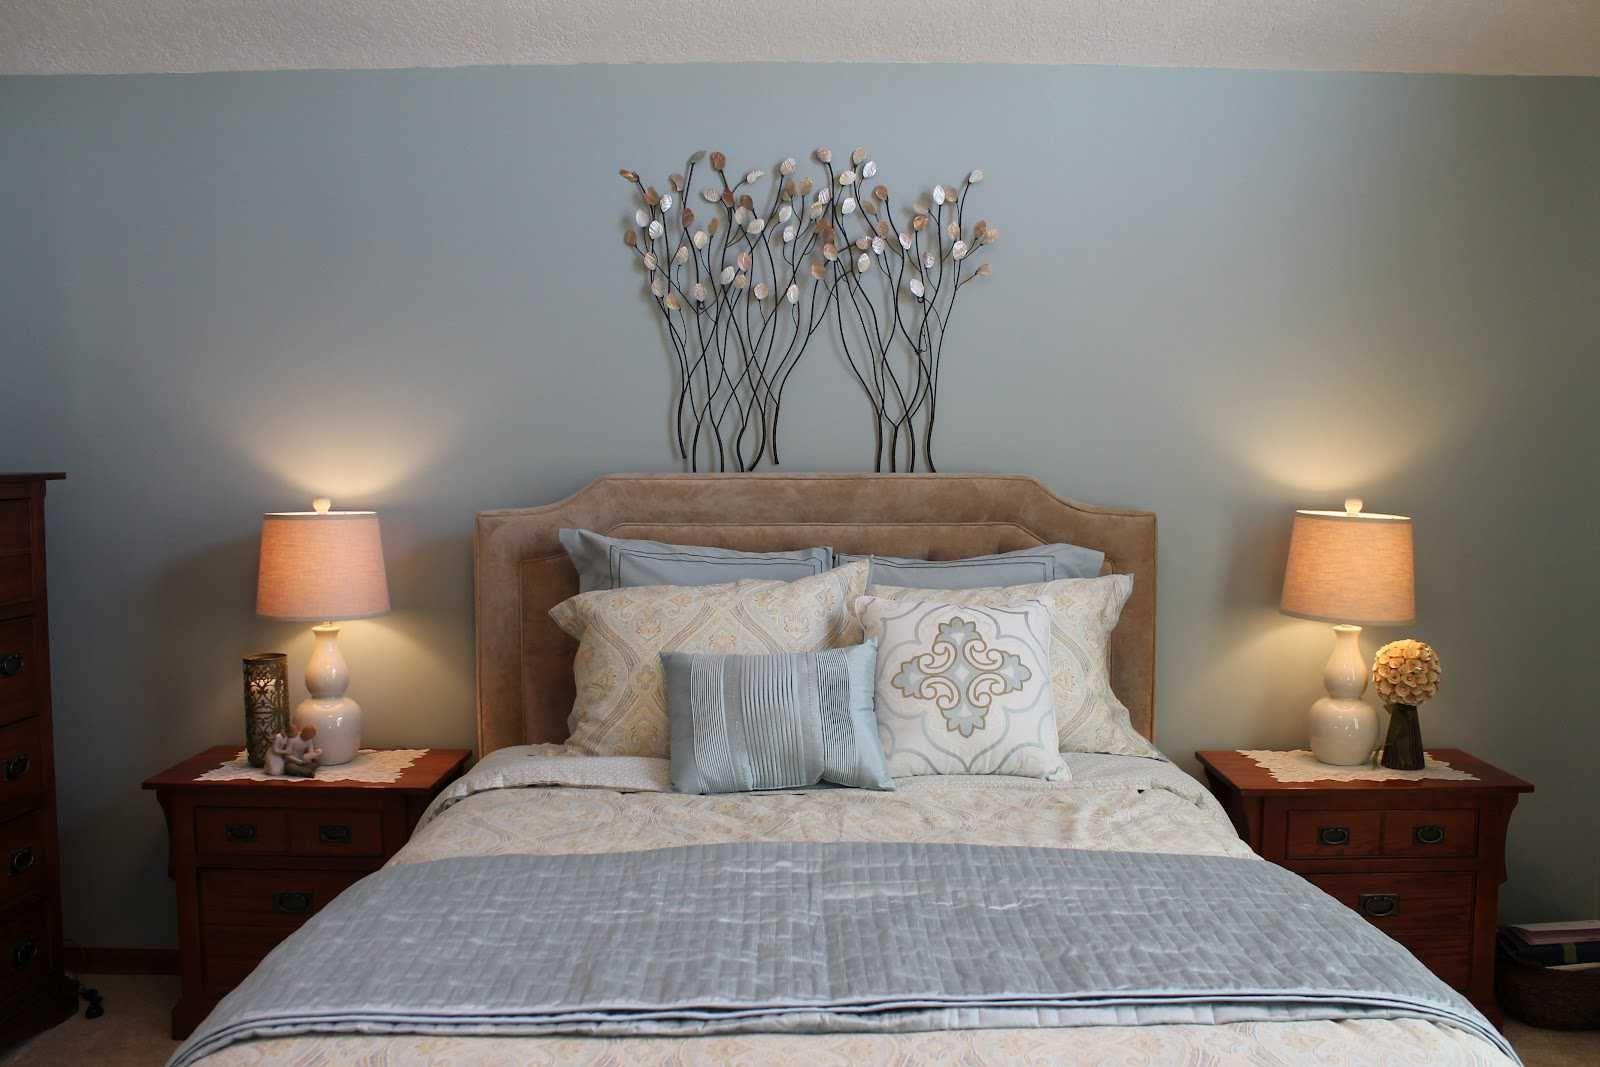 Beruhigende Farben Für Schlafzimmer Schemata #Schlafzimmer